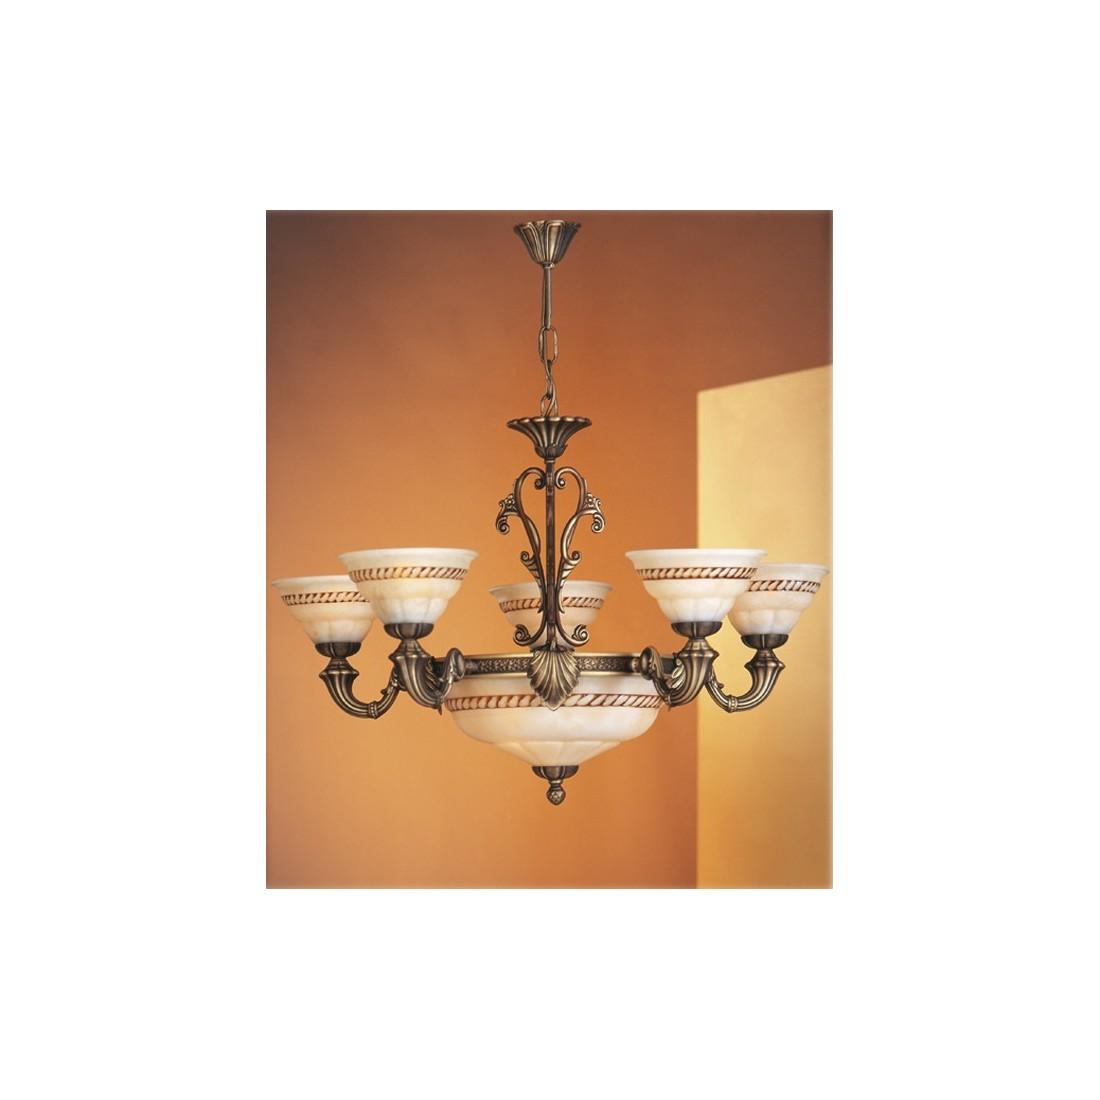 Apliques clasicos apliques de bronce apliques clasicos online apliques de pared clasicos - Apliques de bronce para muebles ...